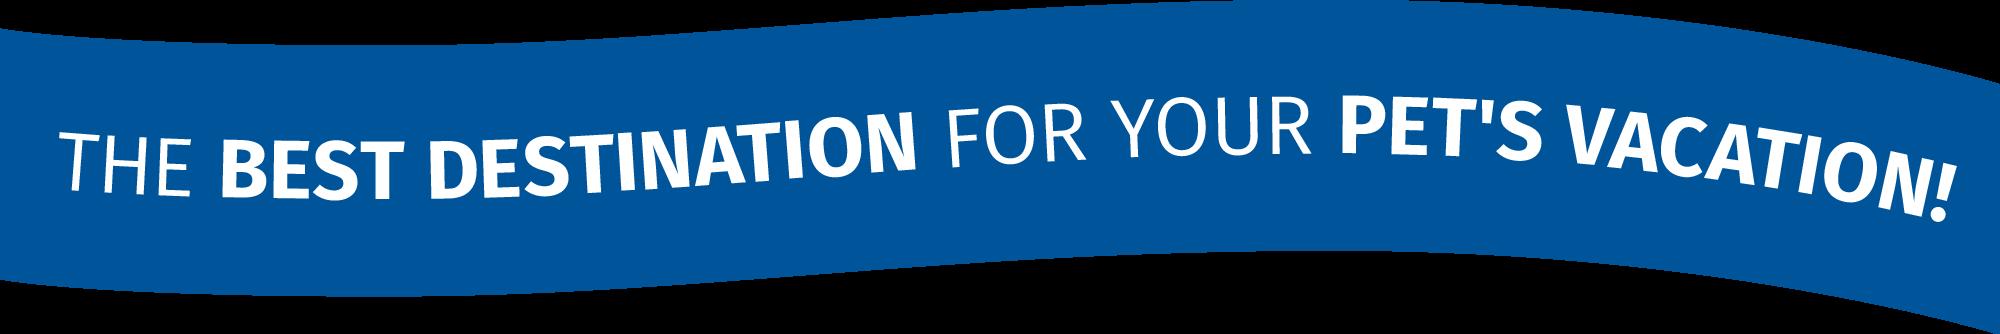 pet-destination-banner